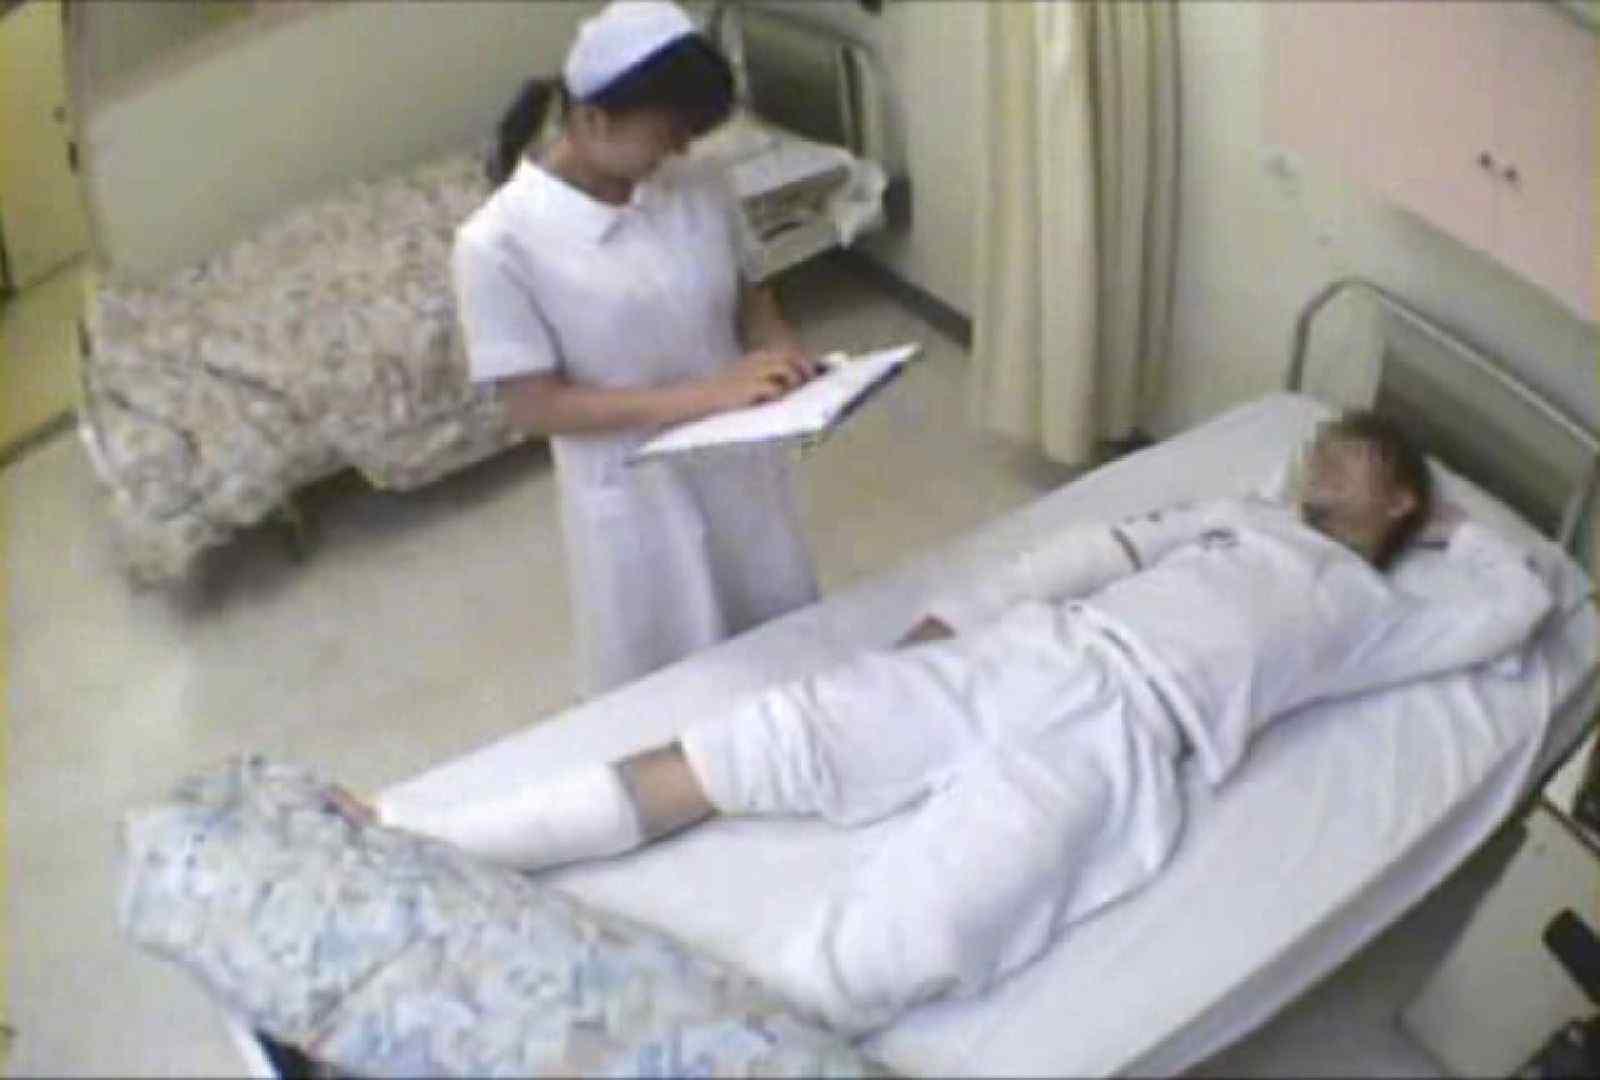 絶対に逝ってはいけない寸止め病棟Vol.5 ワルノリ | エロティックなOL  65画像 35